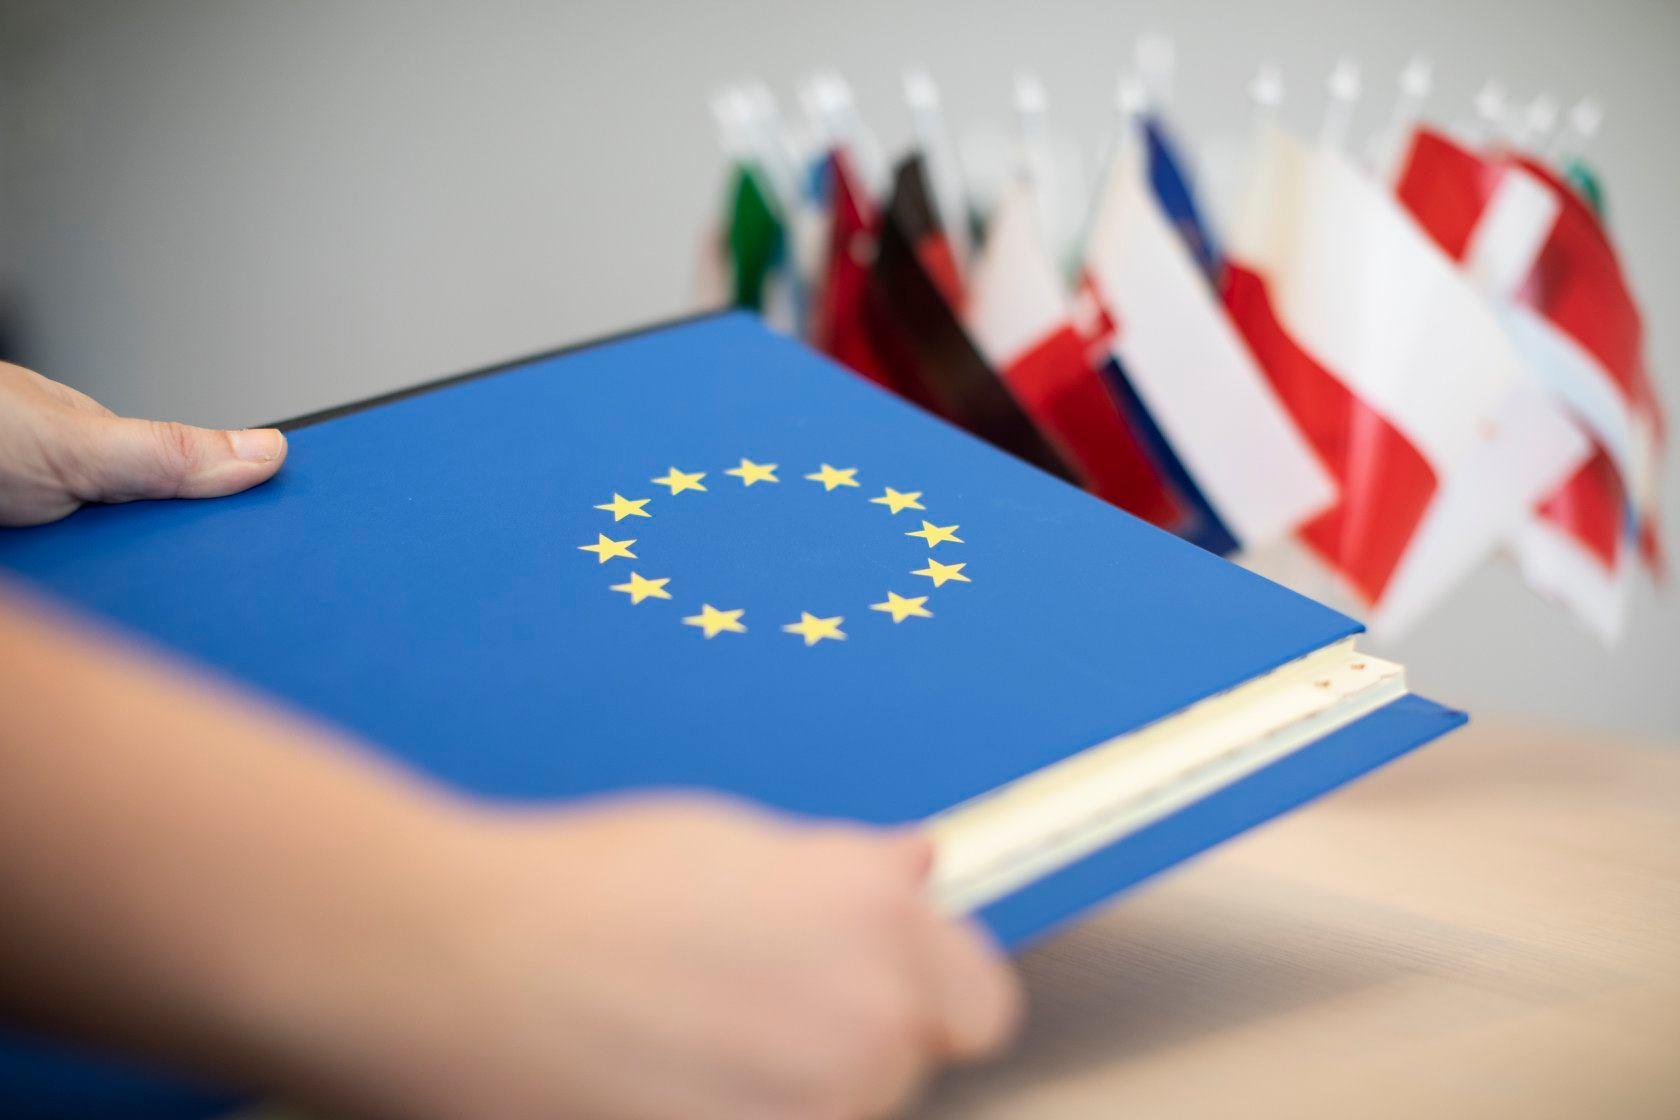 Министрите на земеделието от Вишеградската четворка, България и Румъния със съвместна декларация относно реформата на ОСП и Зелената сделка